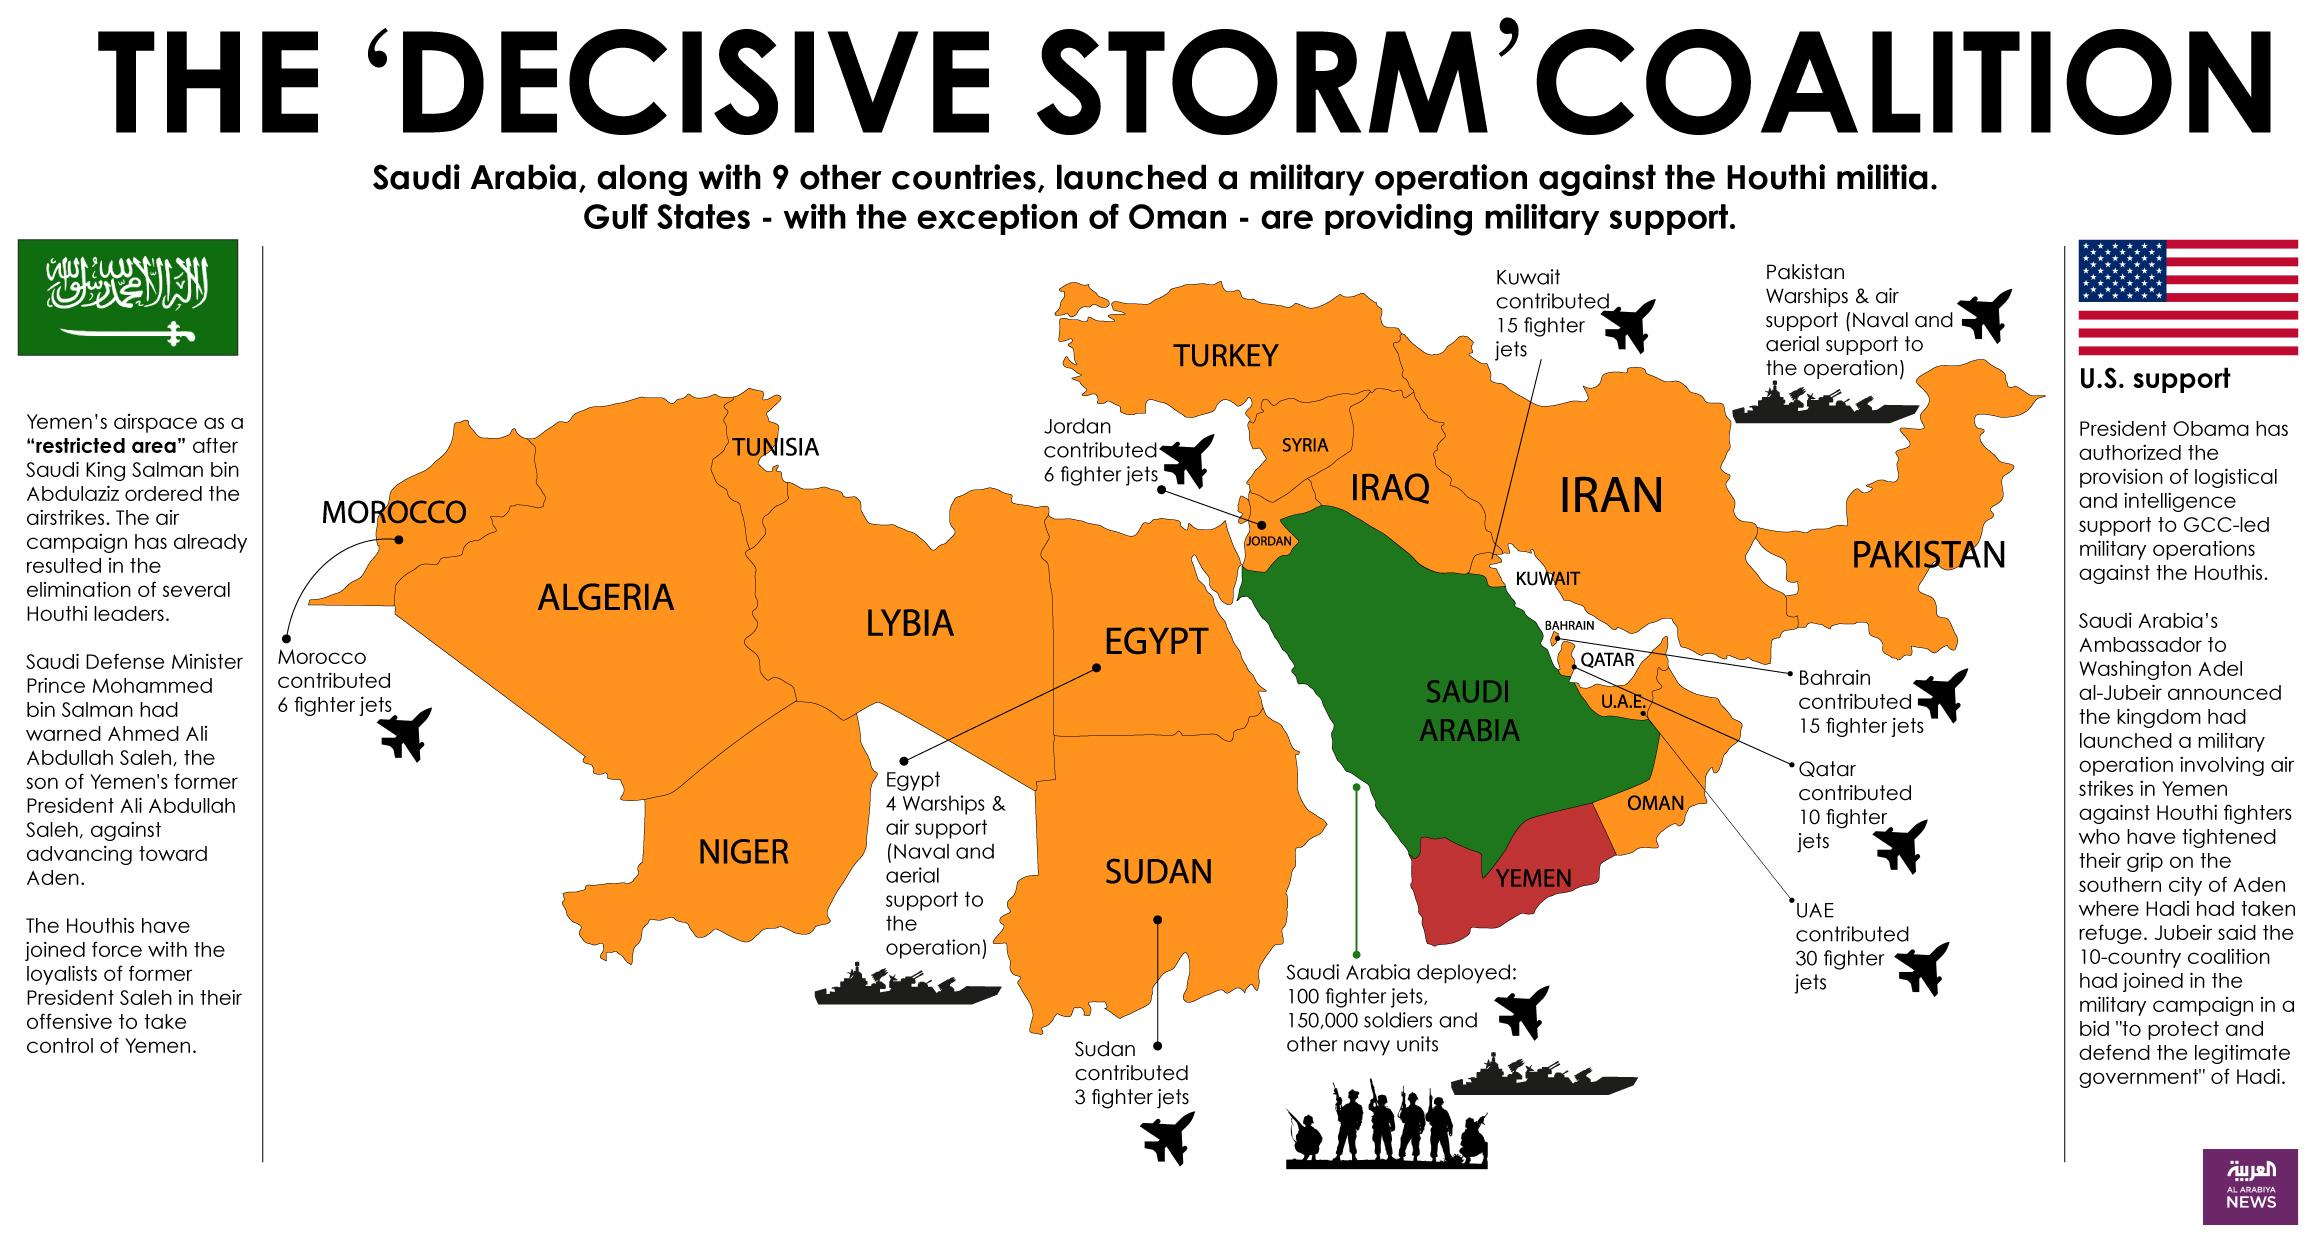 La coalizione a guida araba e i contributi che ogni paese apporta.